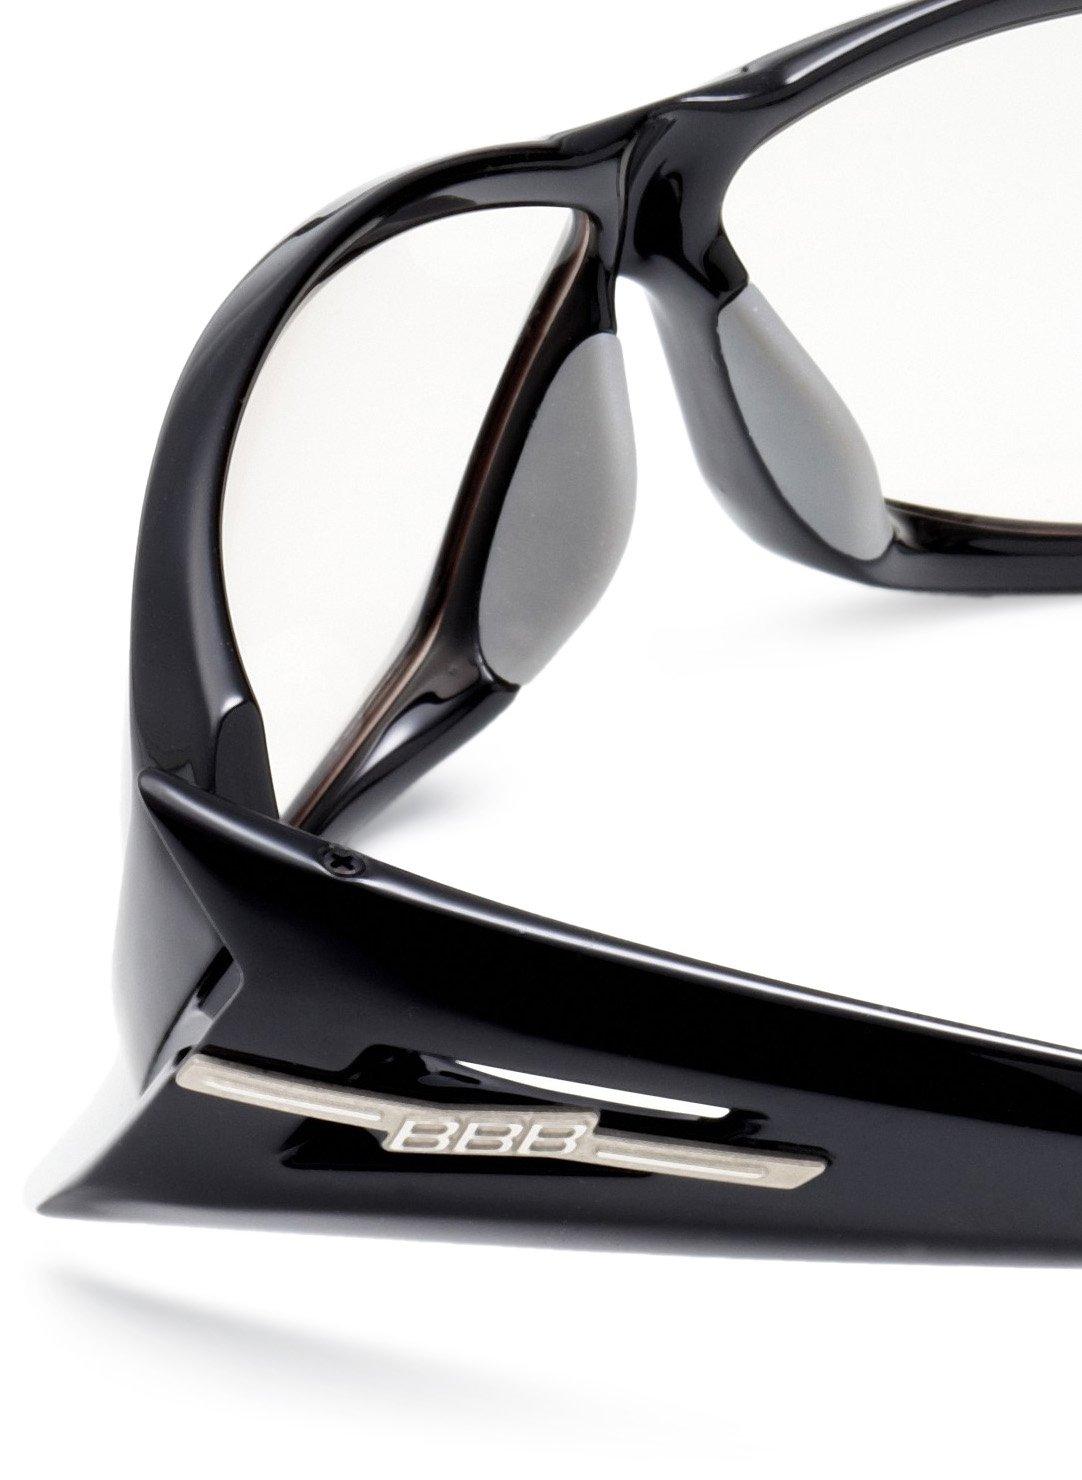 BBB Uni Sonnenbrille Rapid PH BSG-37, schwarz-glänzend, 880253751